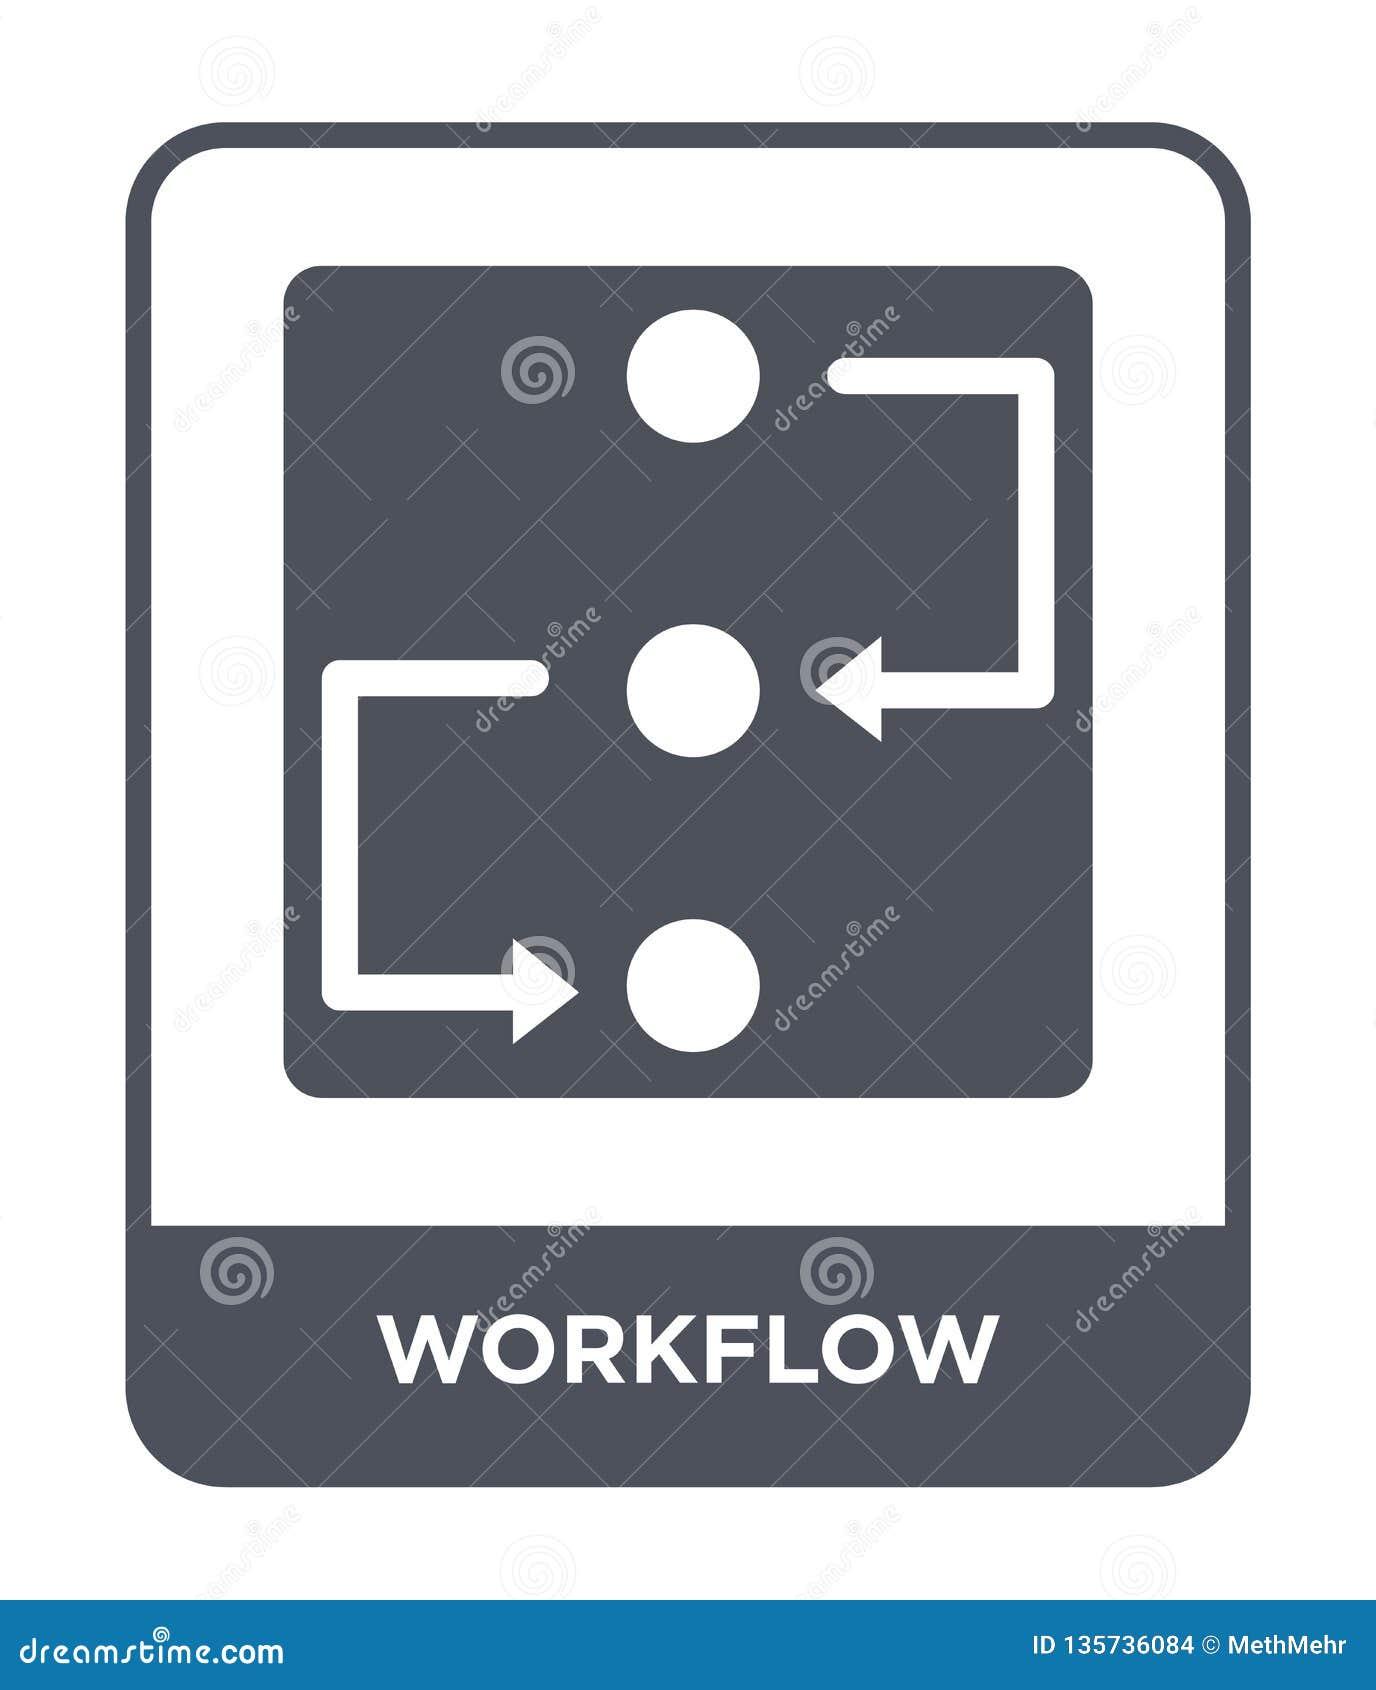 Icono del flujo de trabajo en estilo de moda del diseño icono del flujo de trabajo aislado en el fondo blanco plano simple y mode